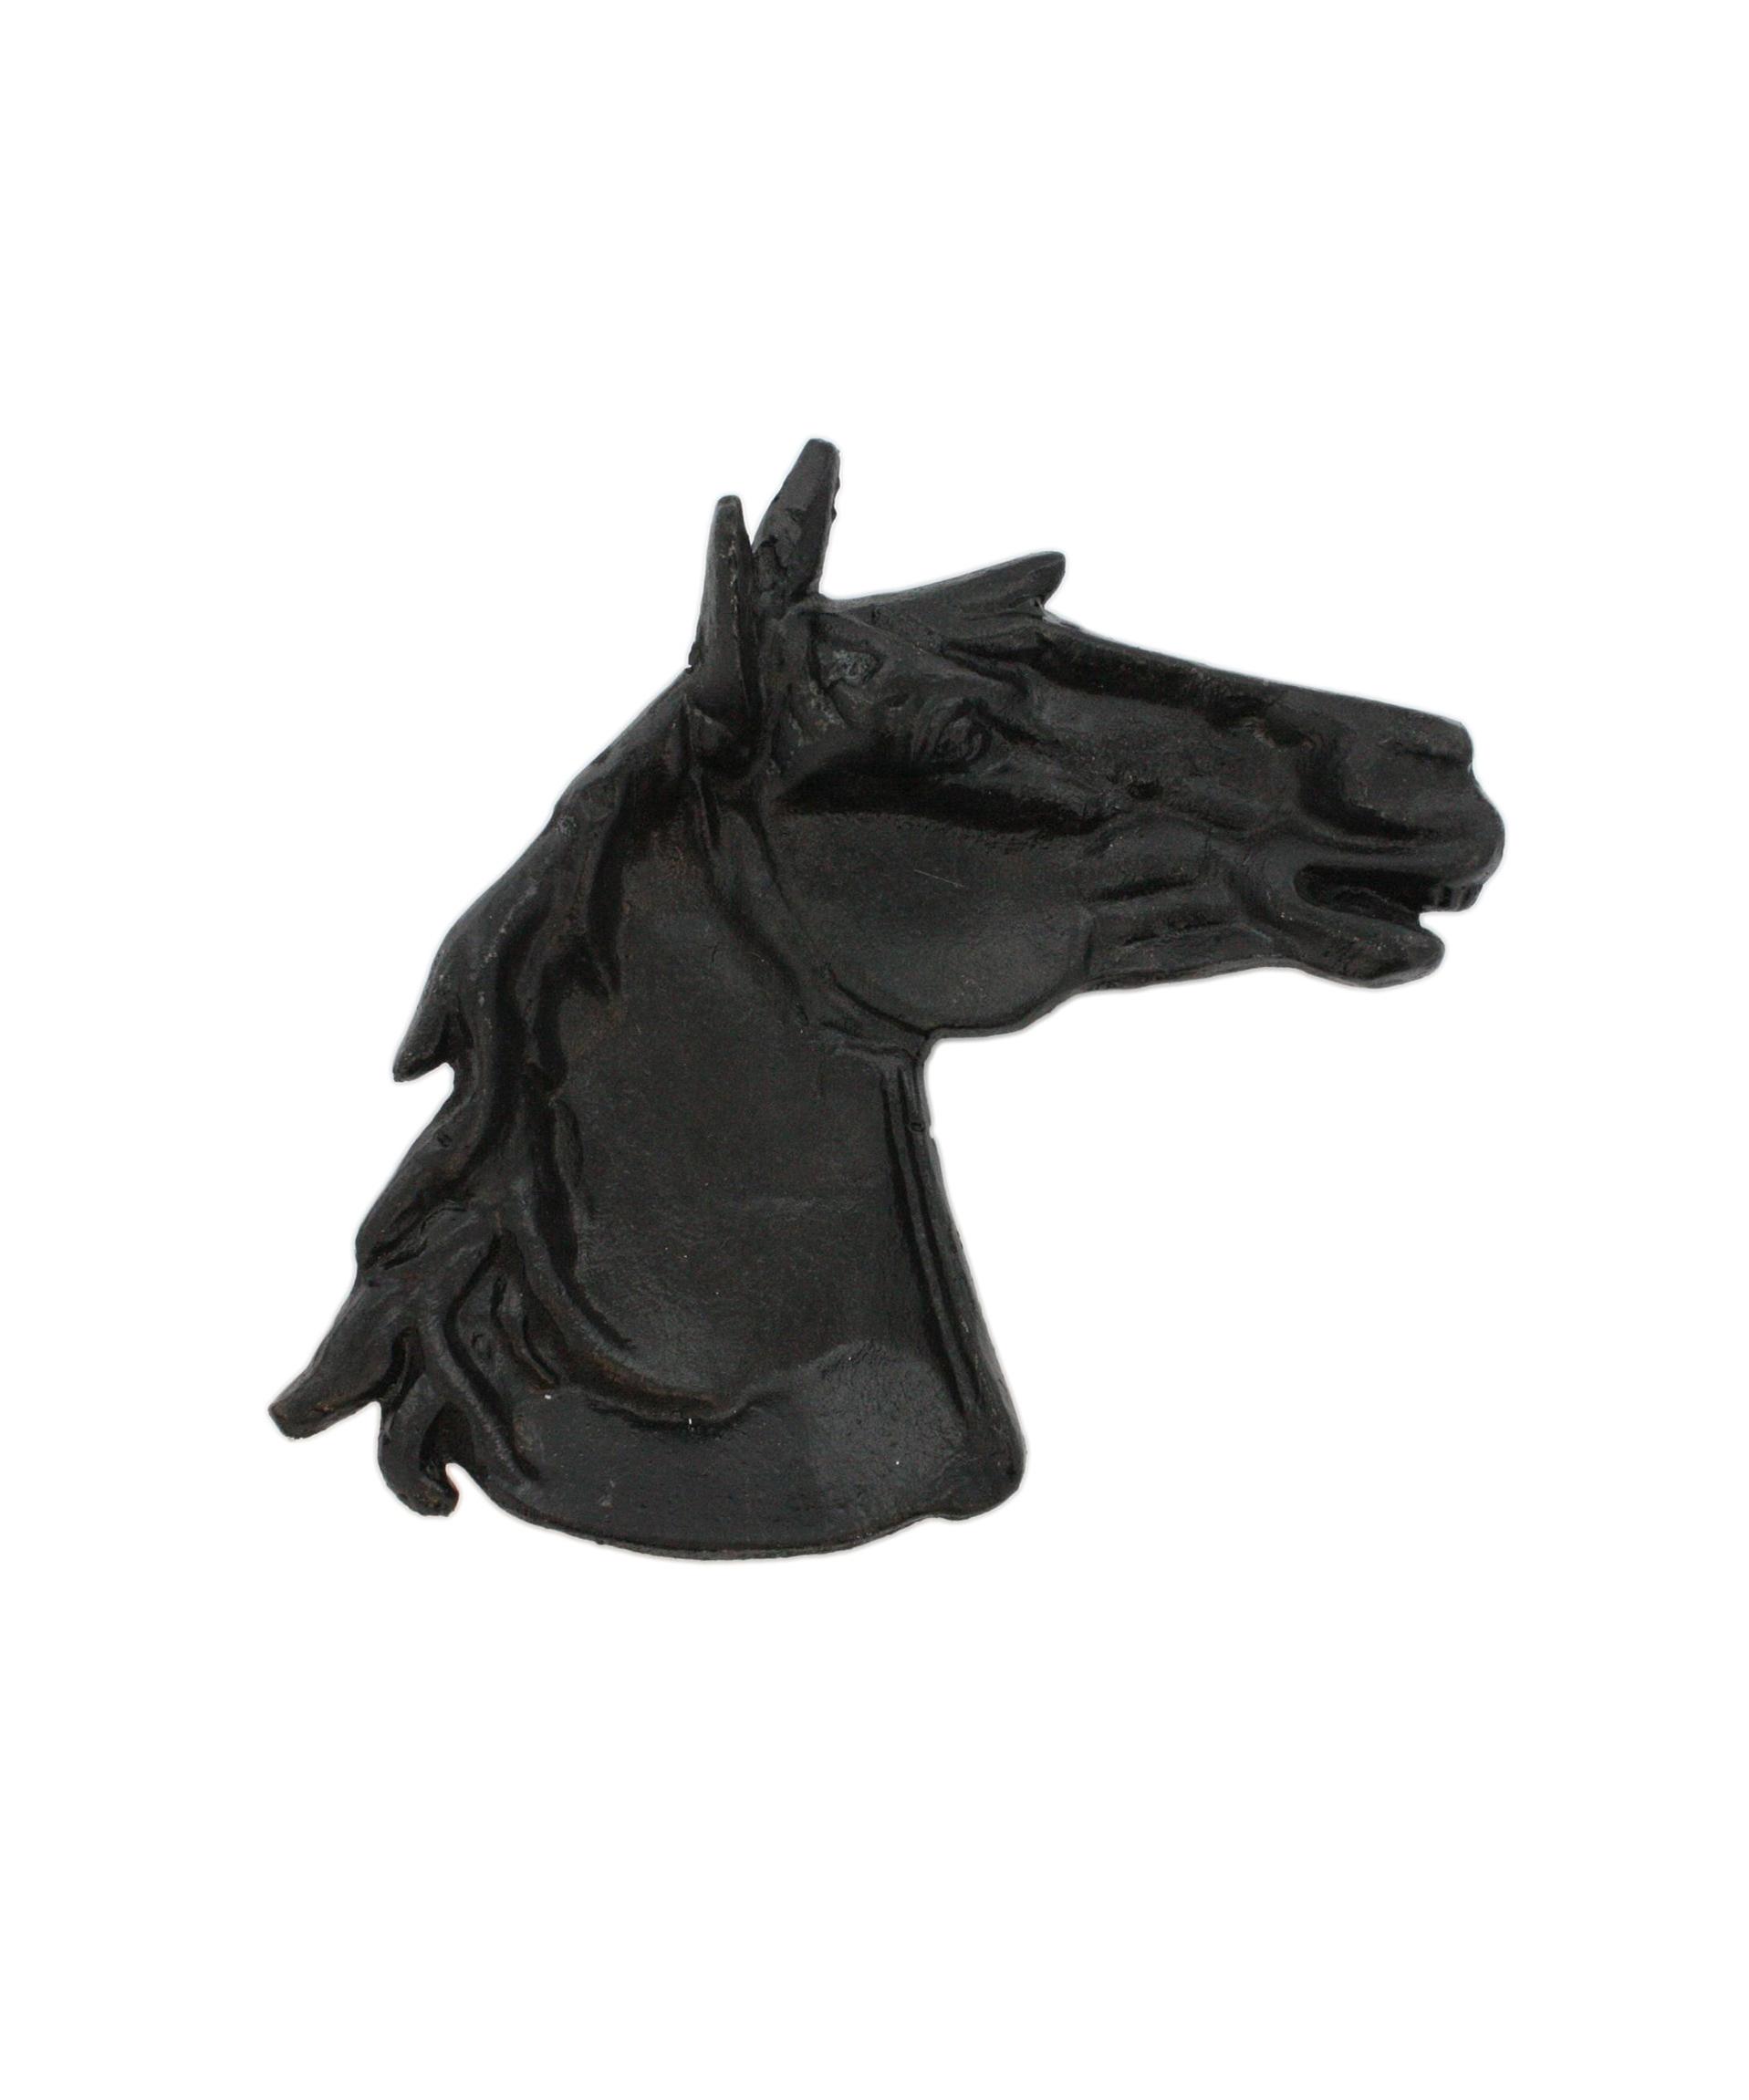 Horse Head Tray